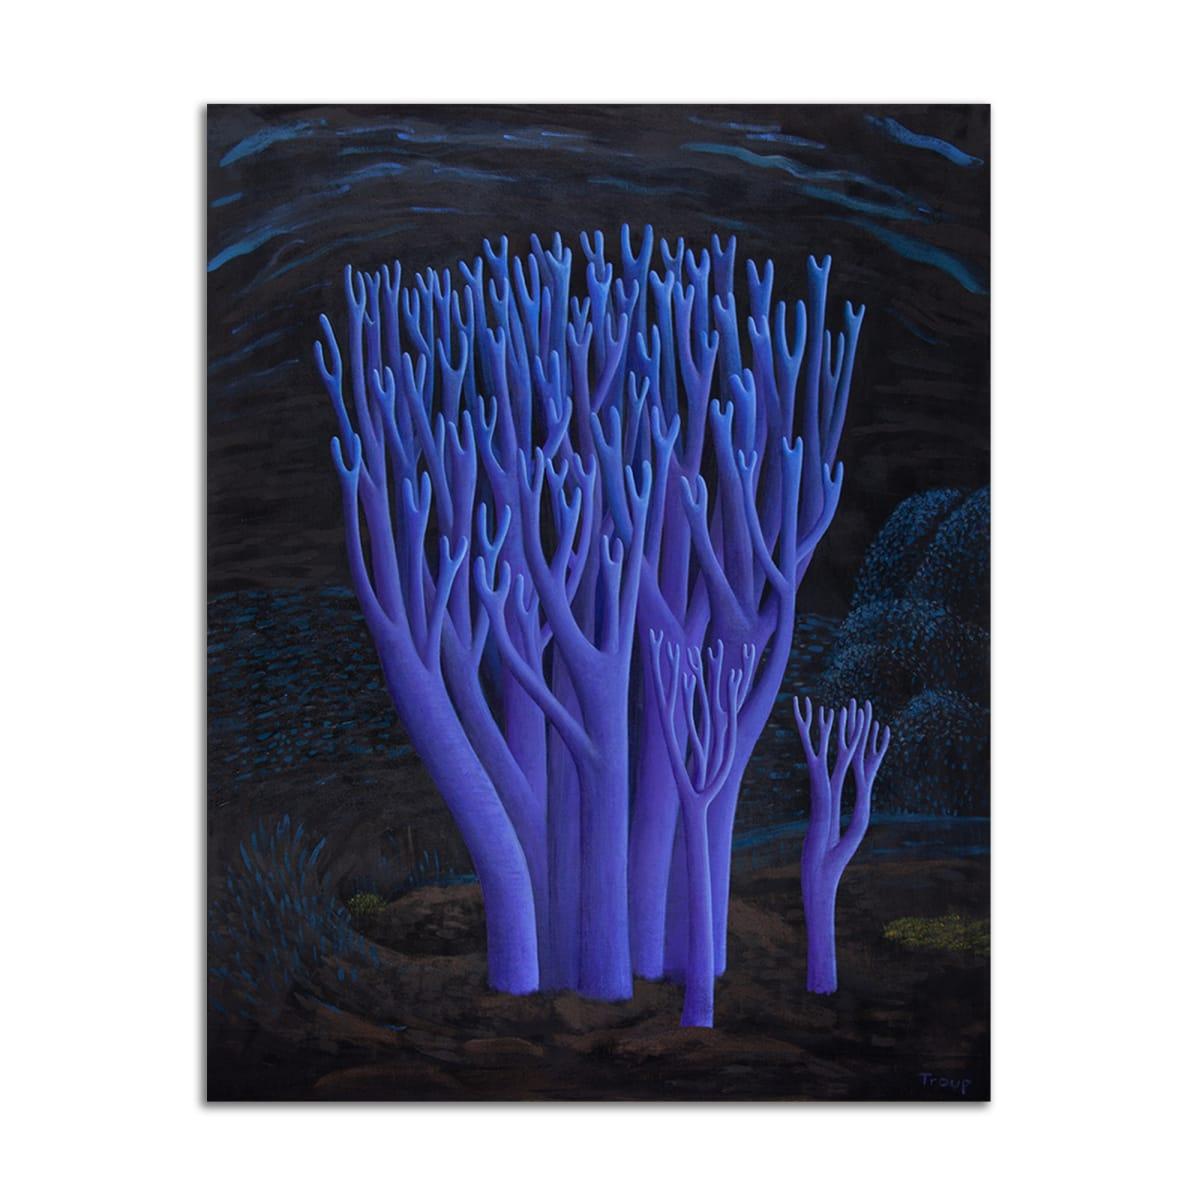 Violet Coral Mushrooms by Jane Troup